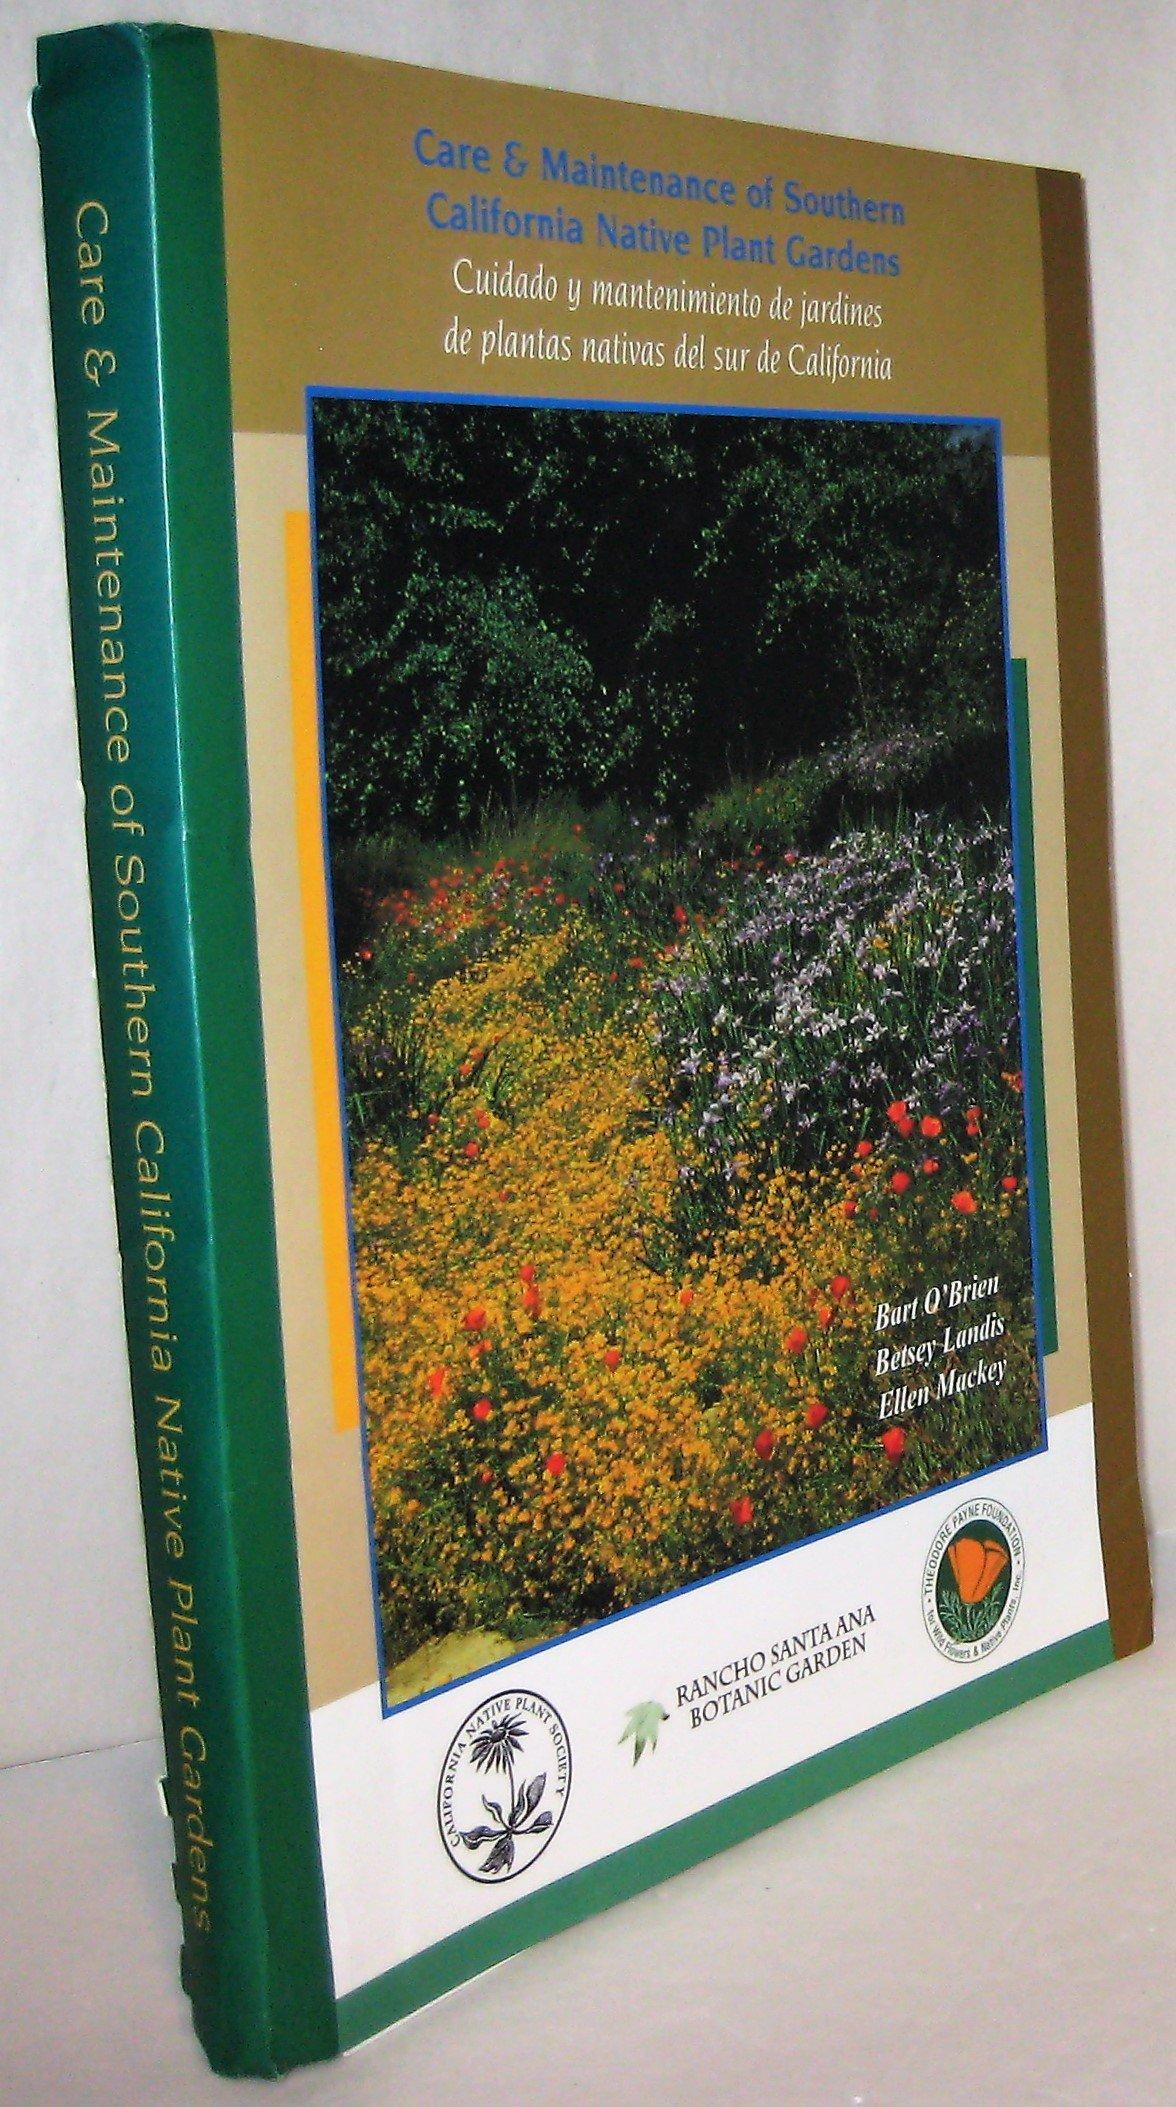 Care & Maintenance of Southern California Native Plant Gardens (Cuidado y Mantenimiento de Jardines de Plantas Nativas del Sur de California) ebook